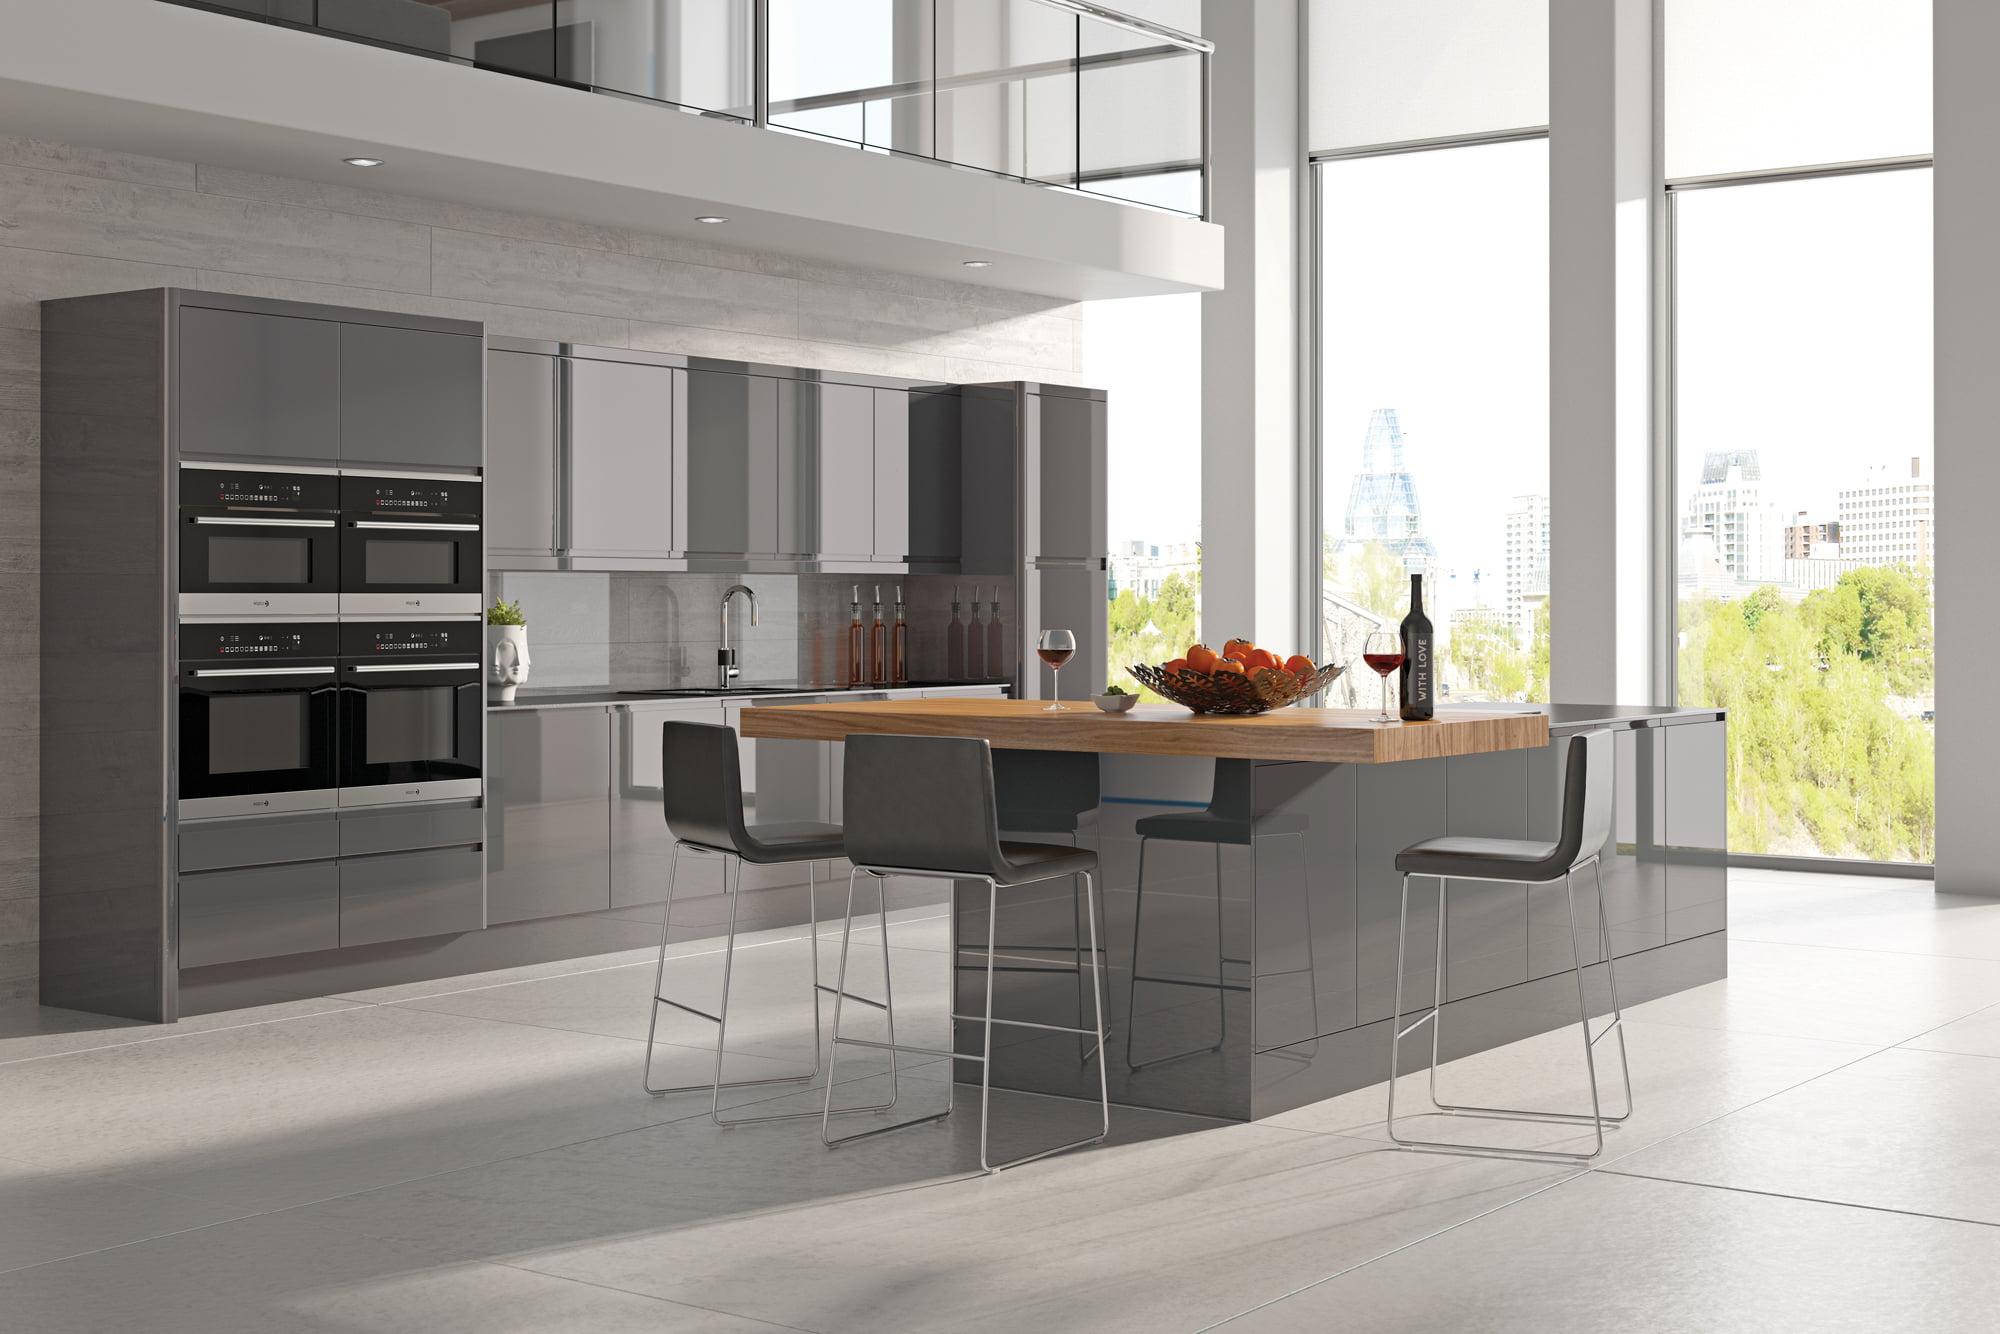 integra dakota designer kitchen